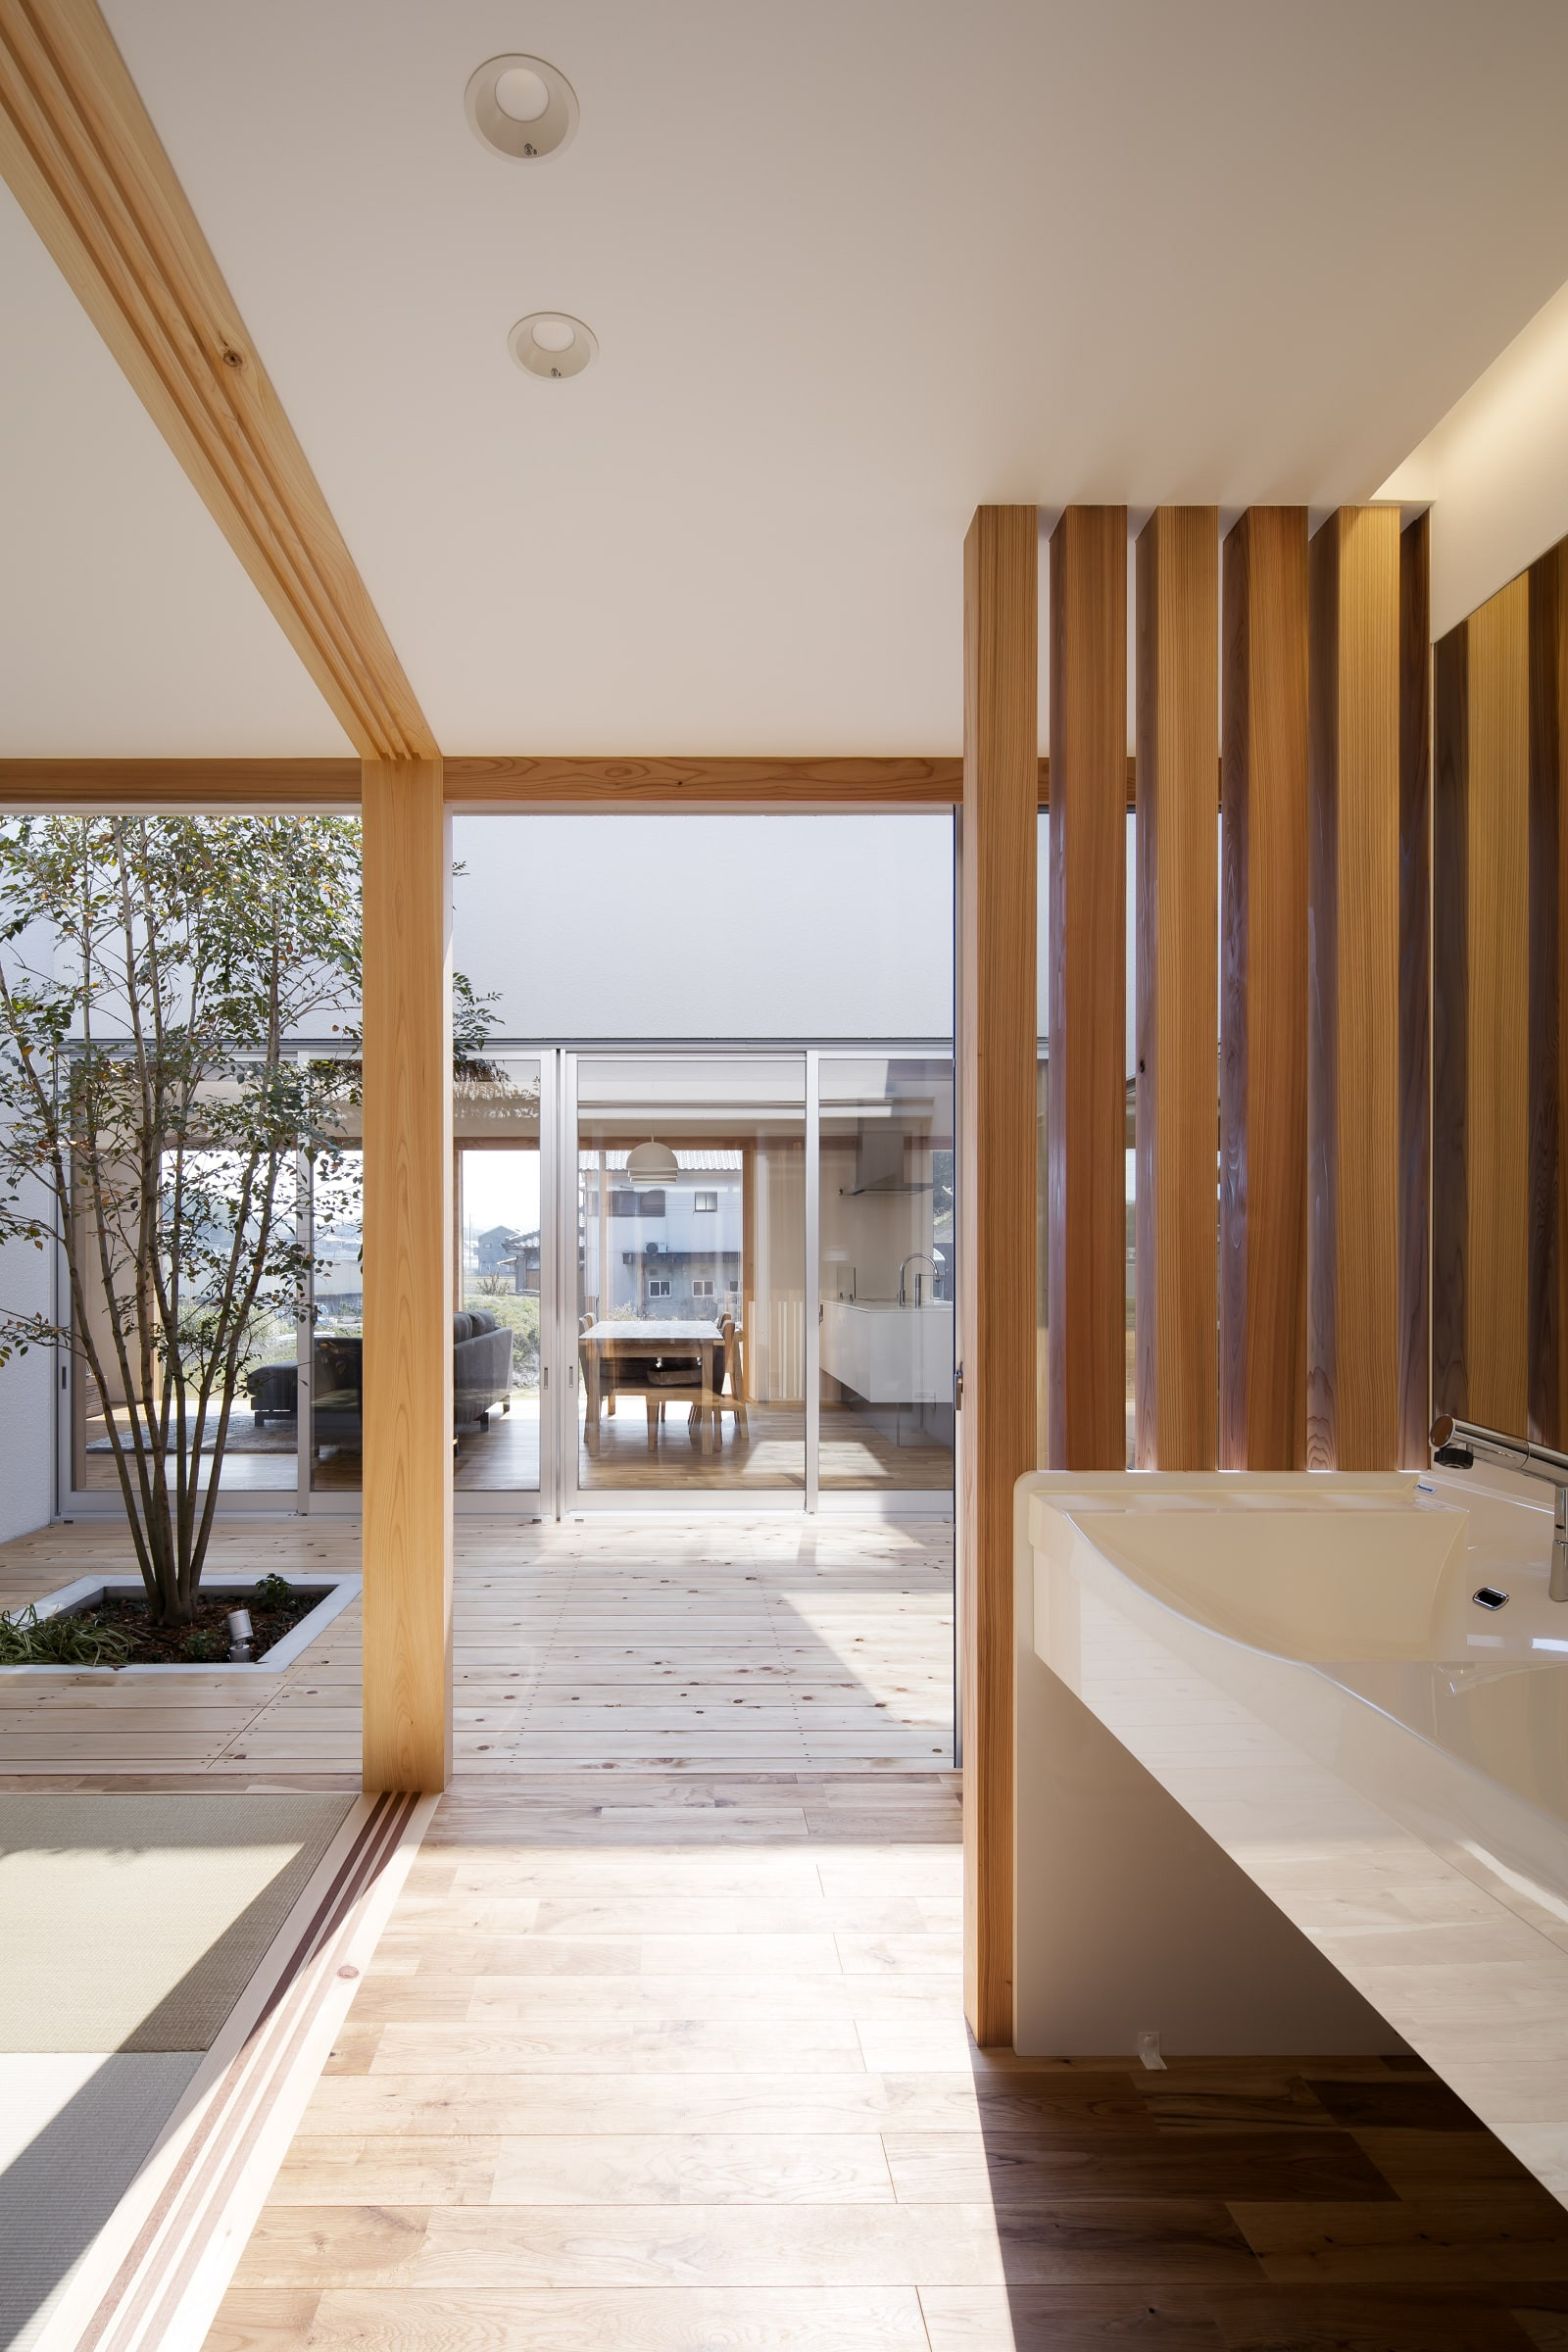 sakai-custom-built-house_2400_12.jpg